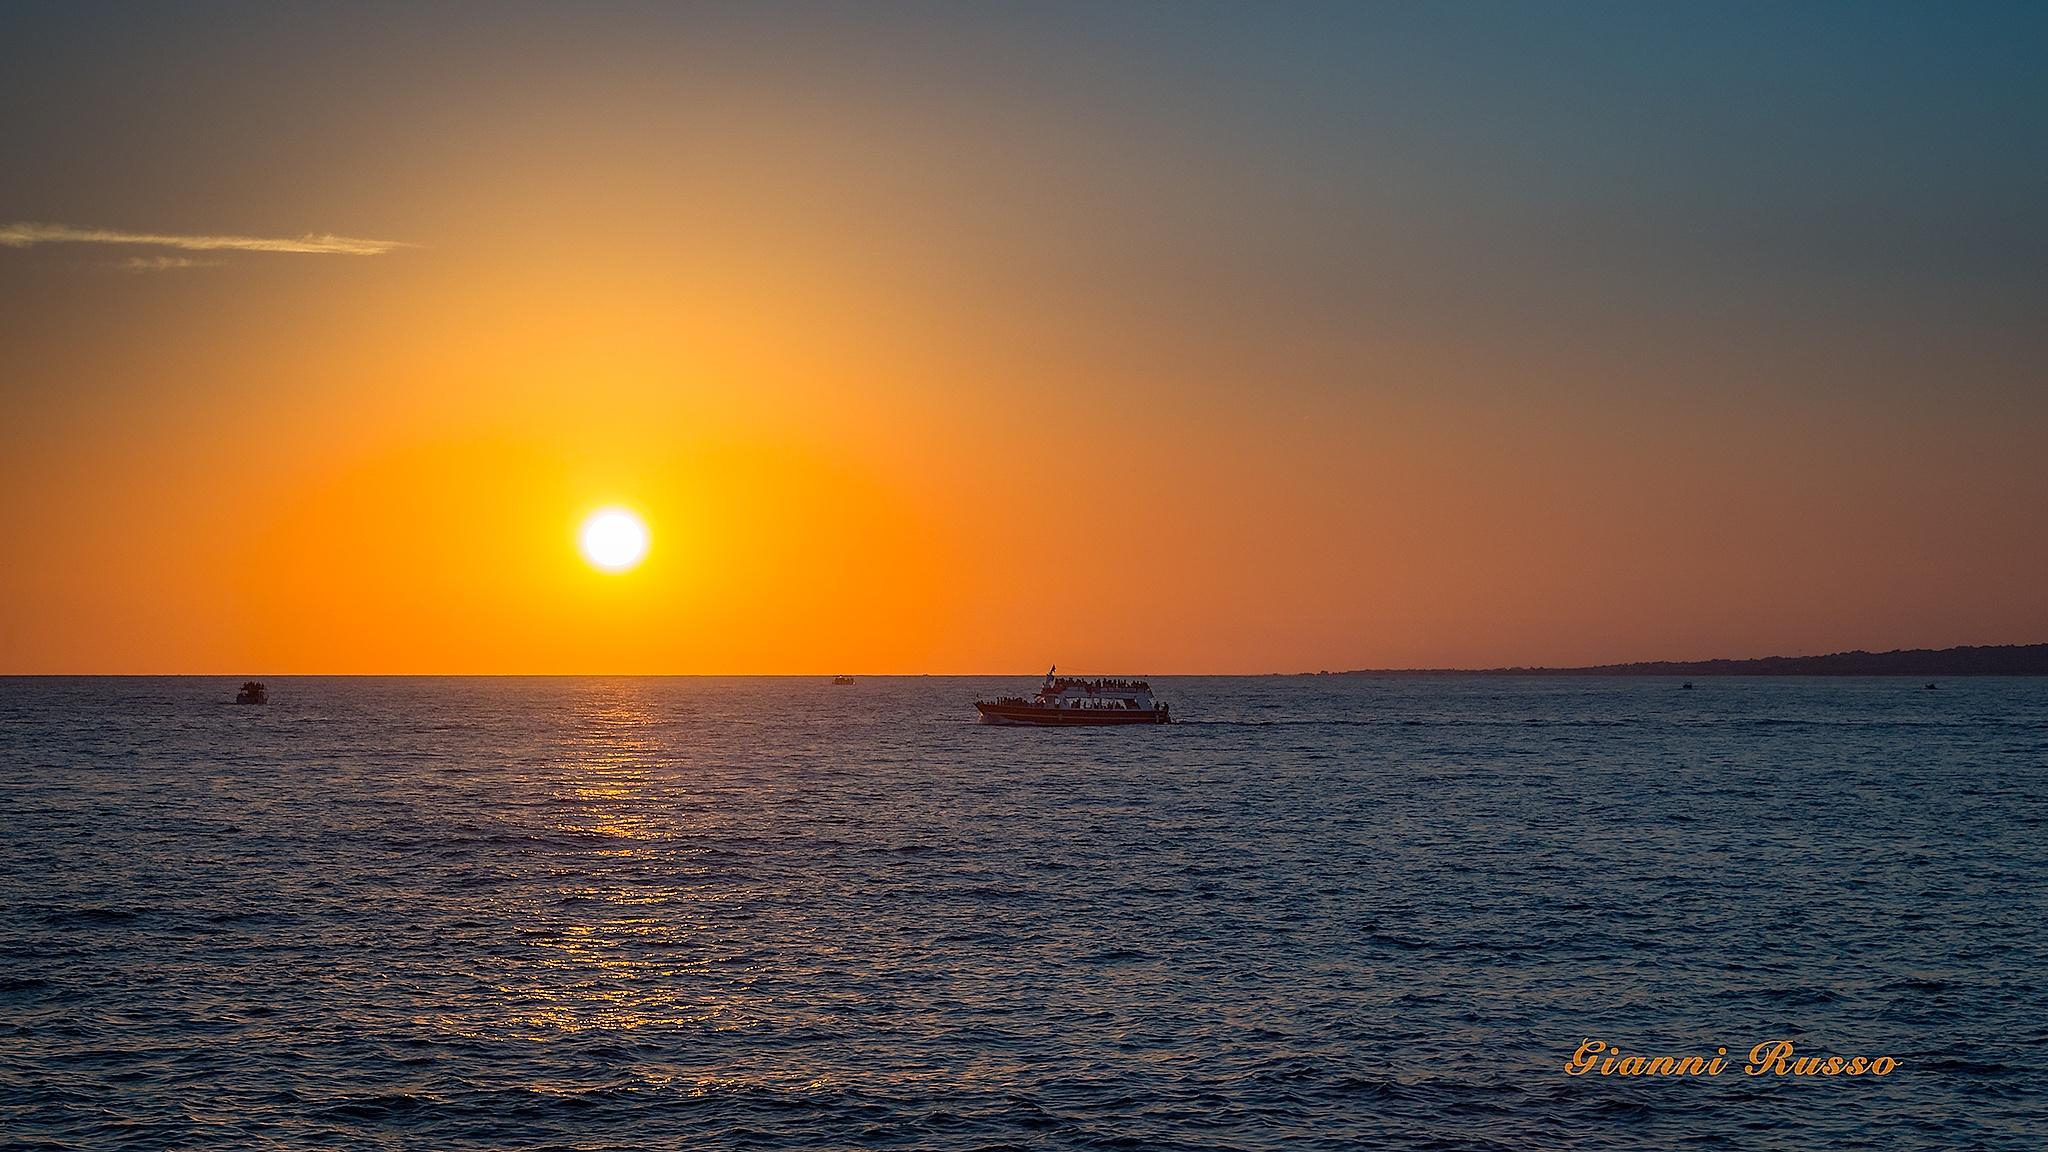 Finchè la barca va by Gianni Russo